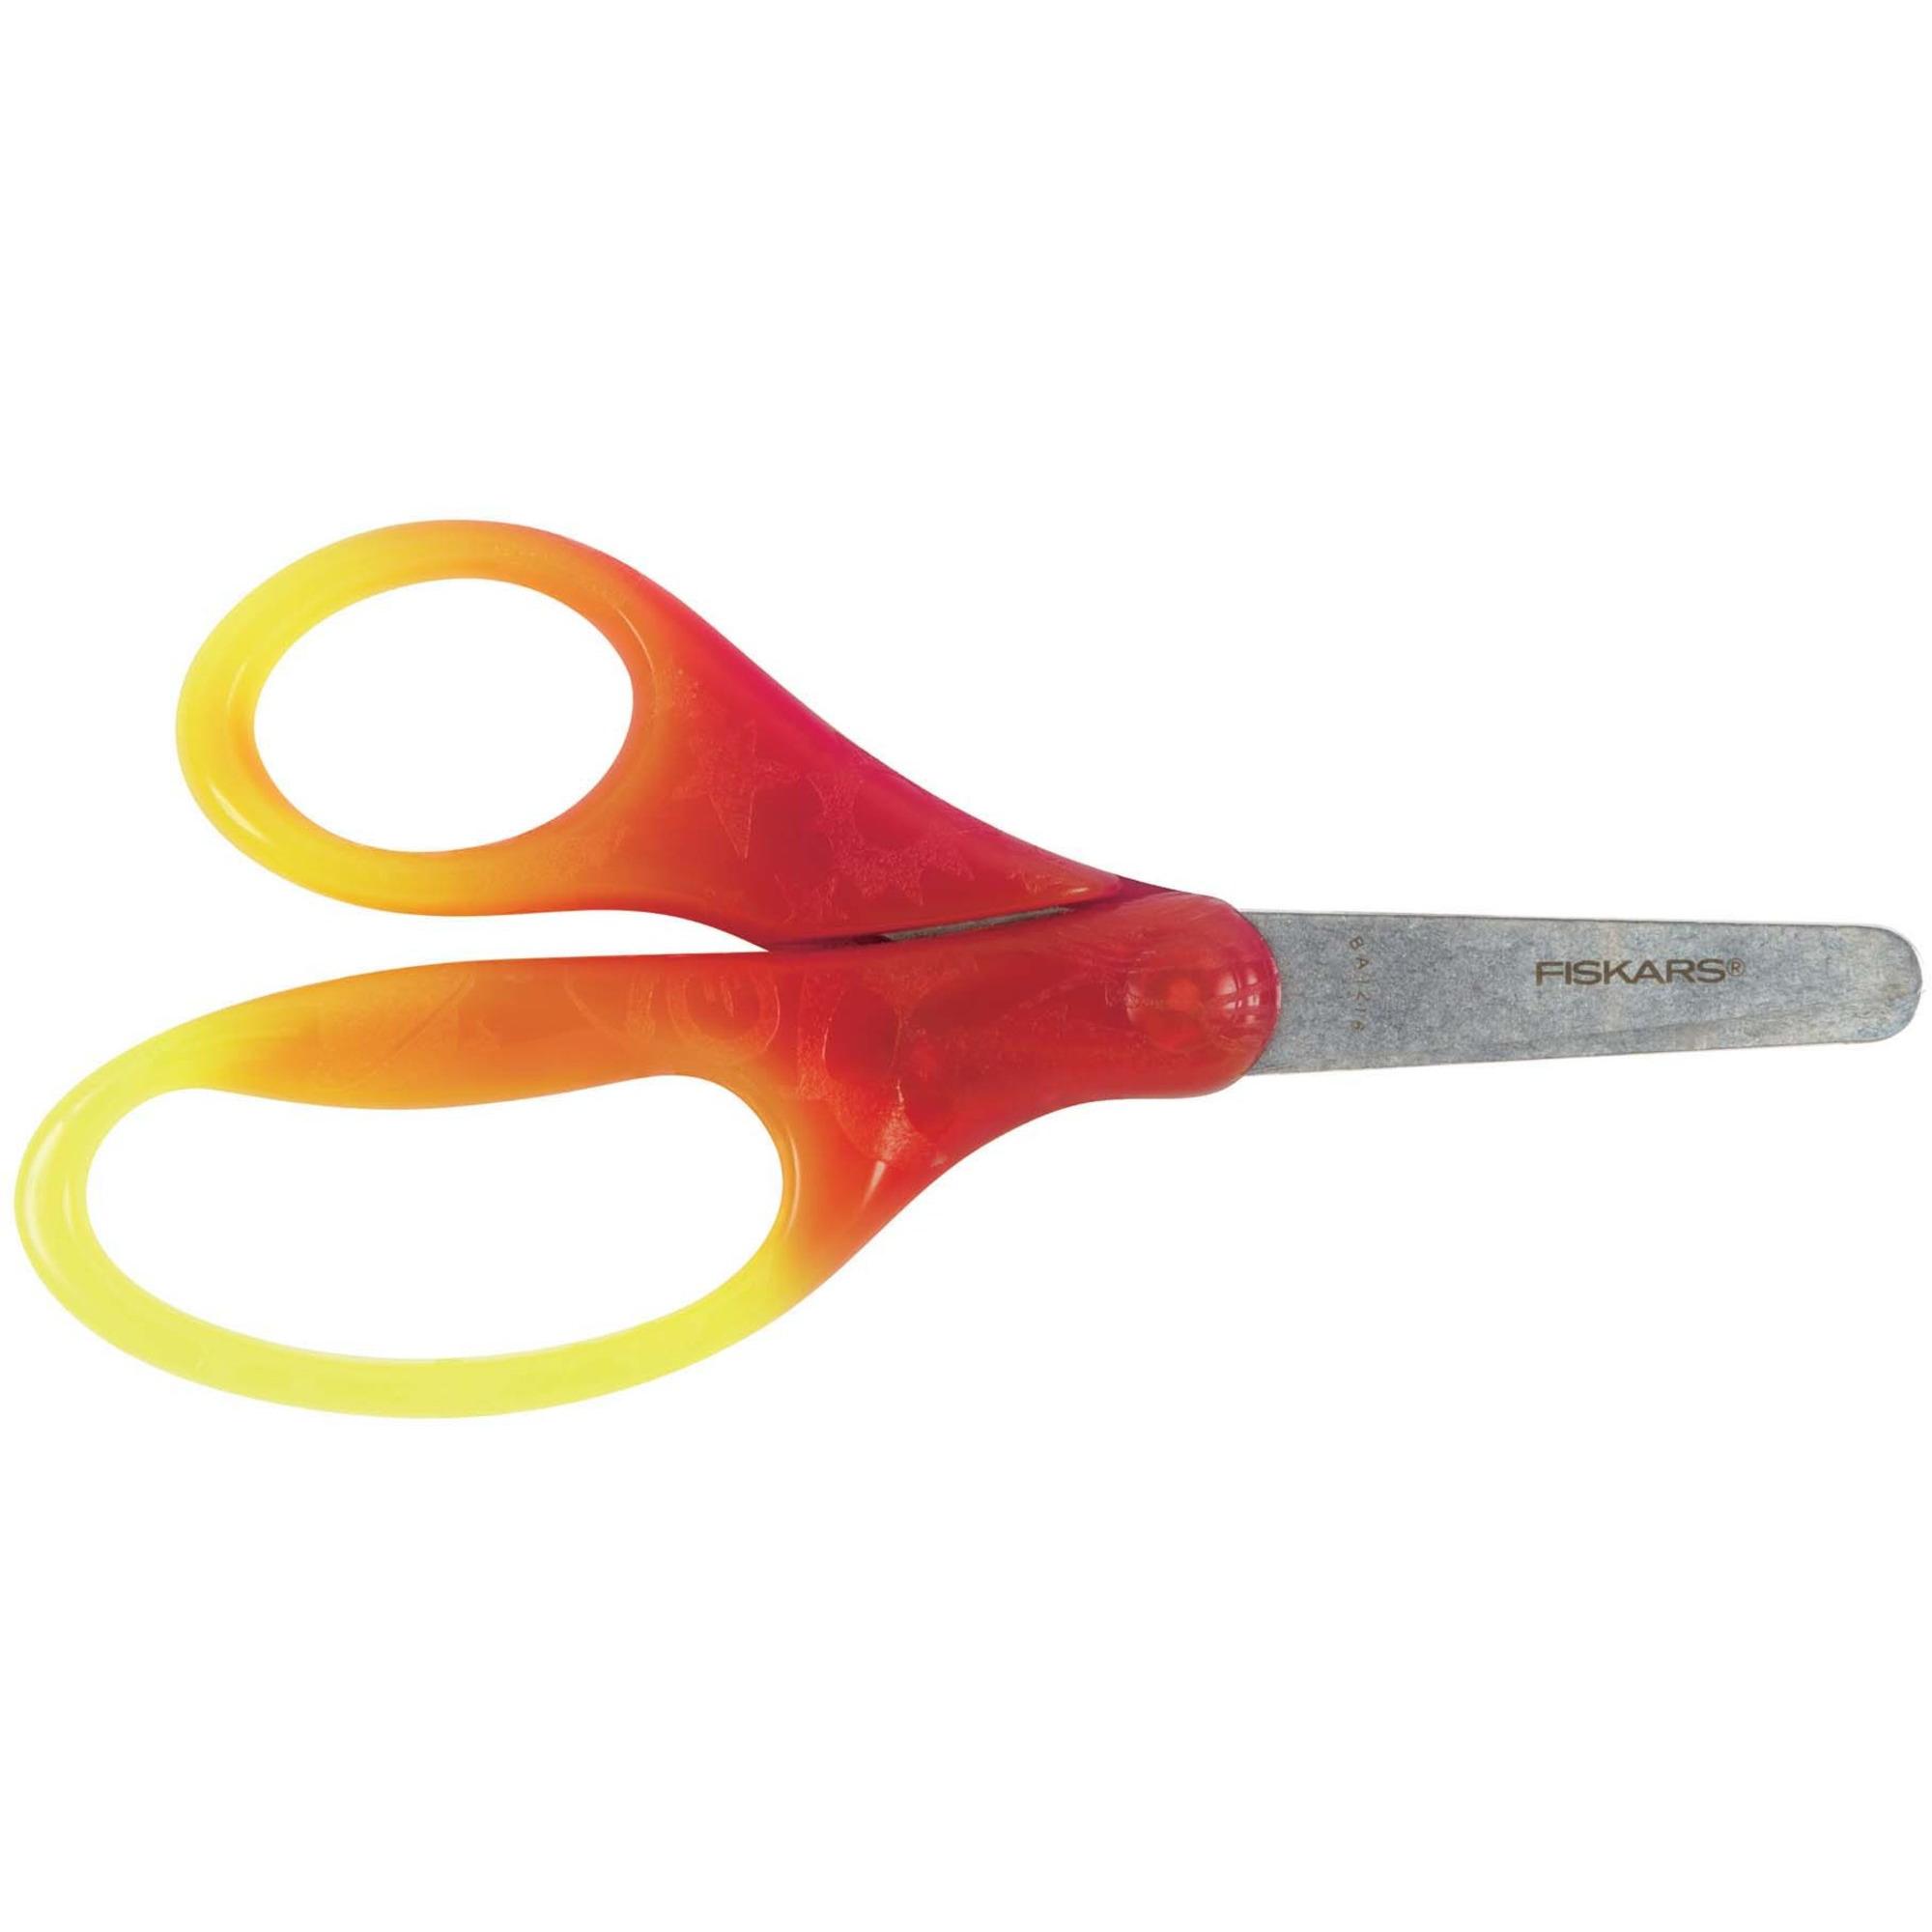 Fiskars Barnsax 12 cm färgskiftande röd/gul